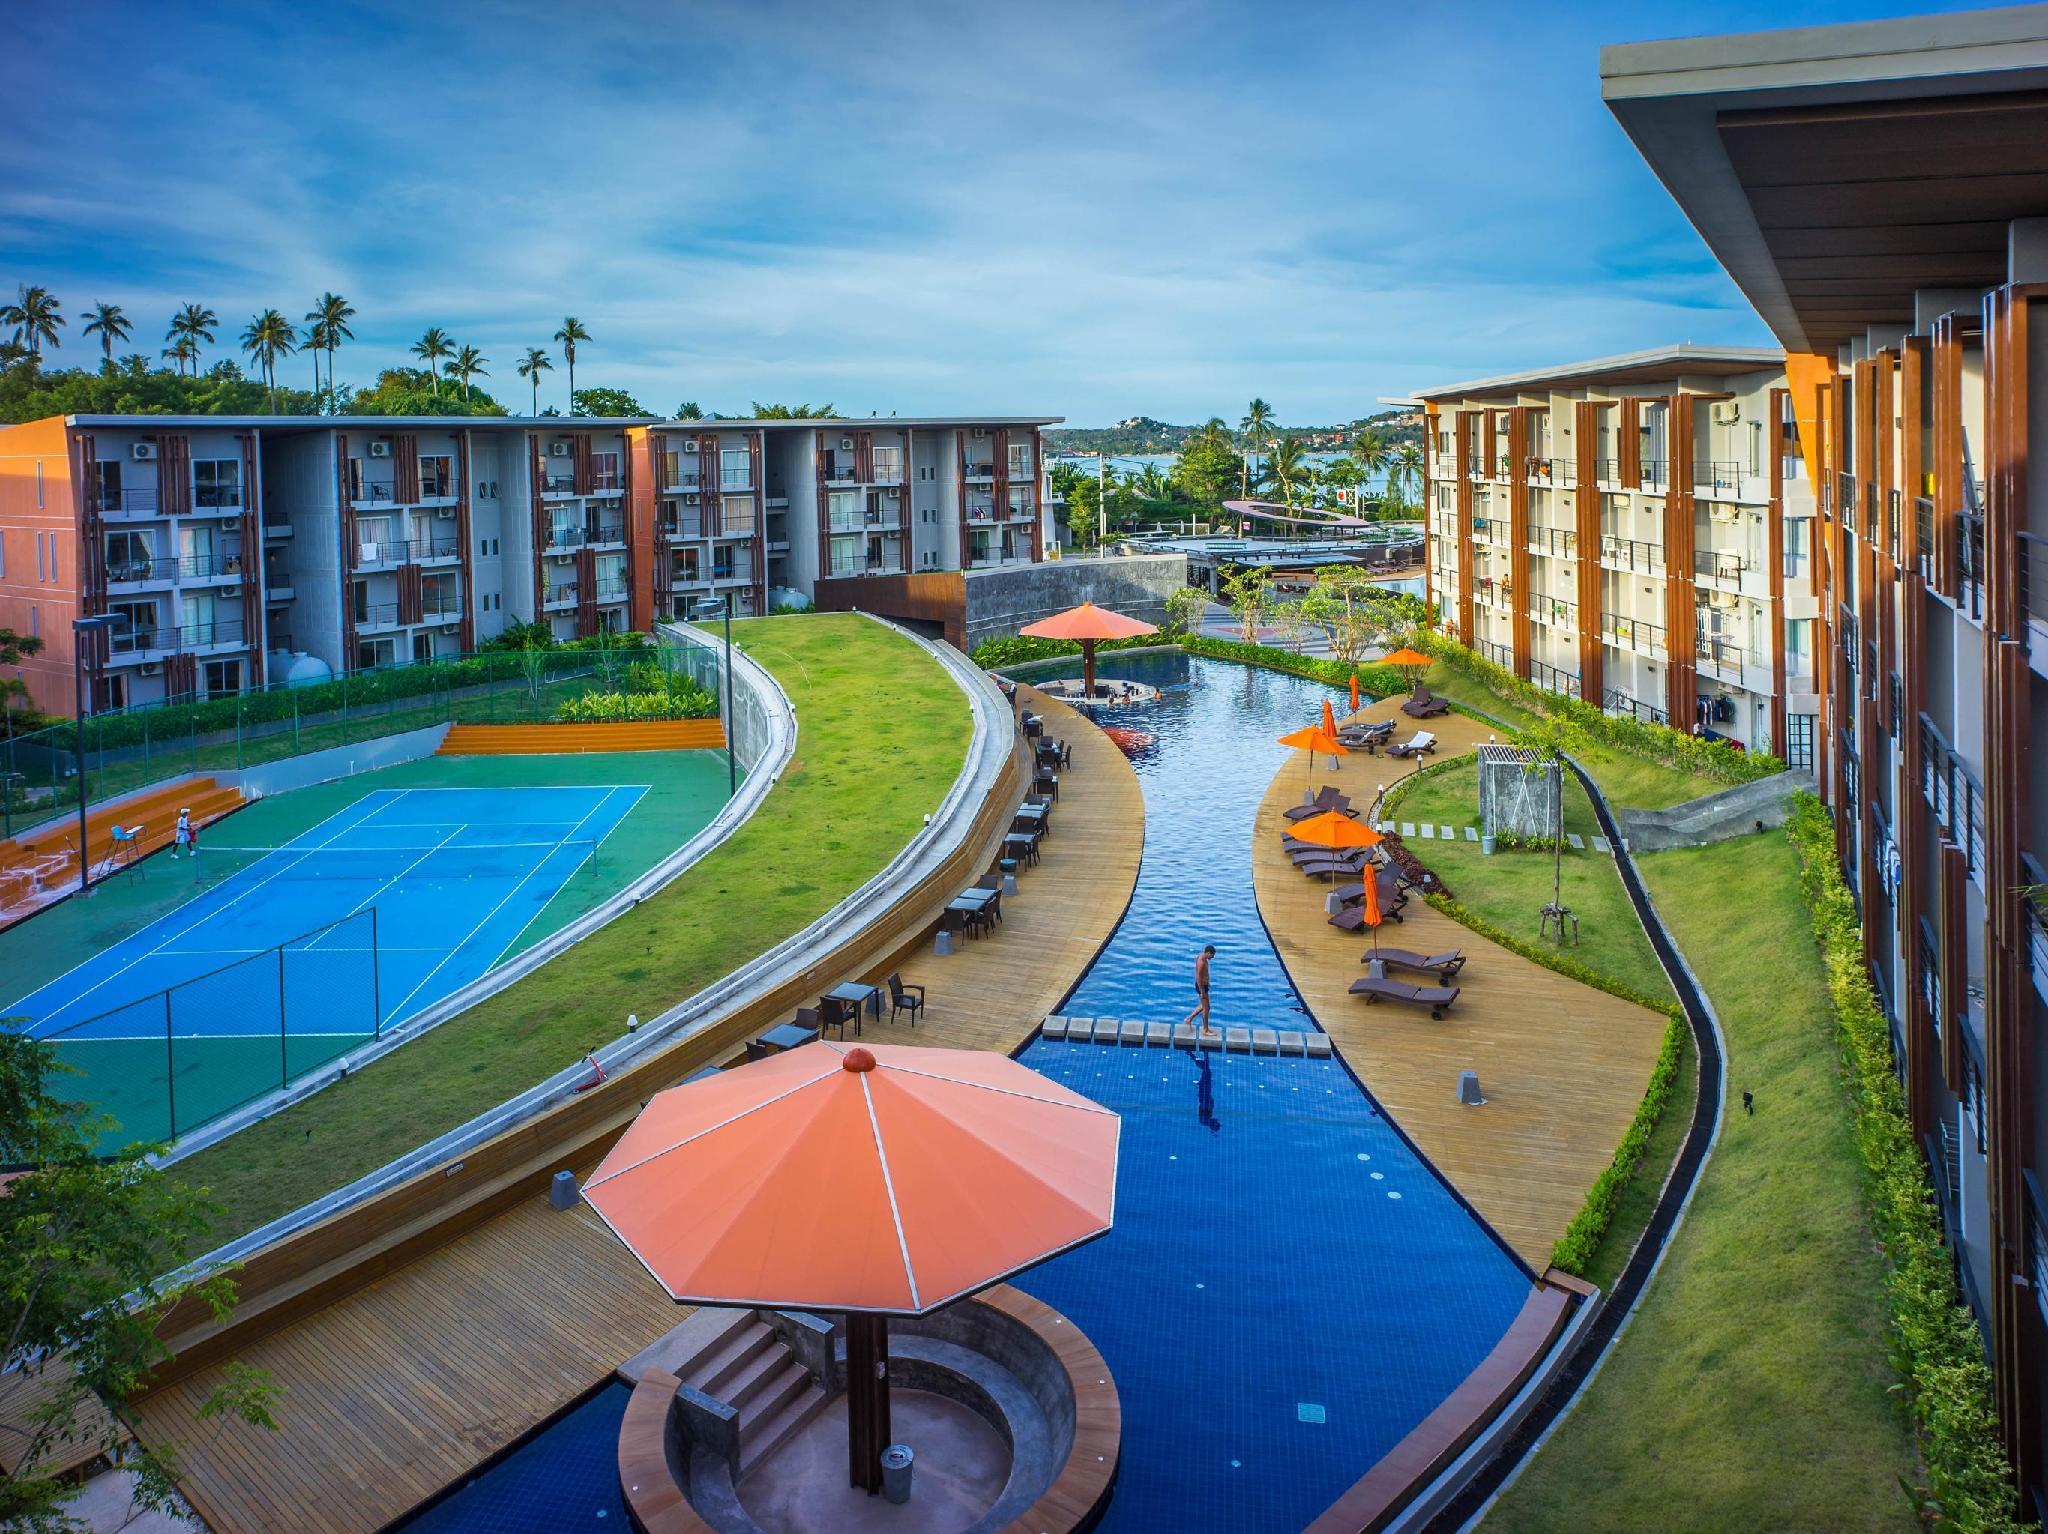 Hotell Replay Residence and Pool Villa i , Samui. Klicka för att läsa mer och skicka bokningsförfrågan